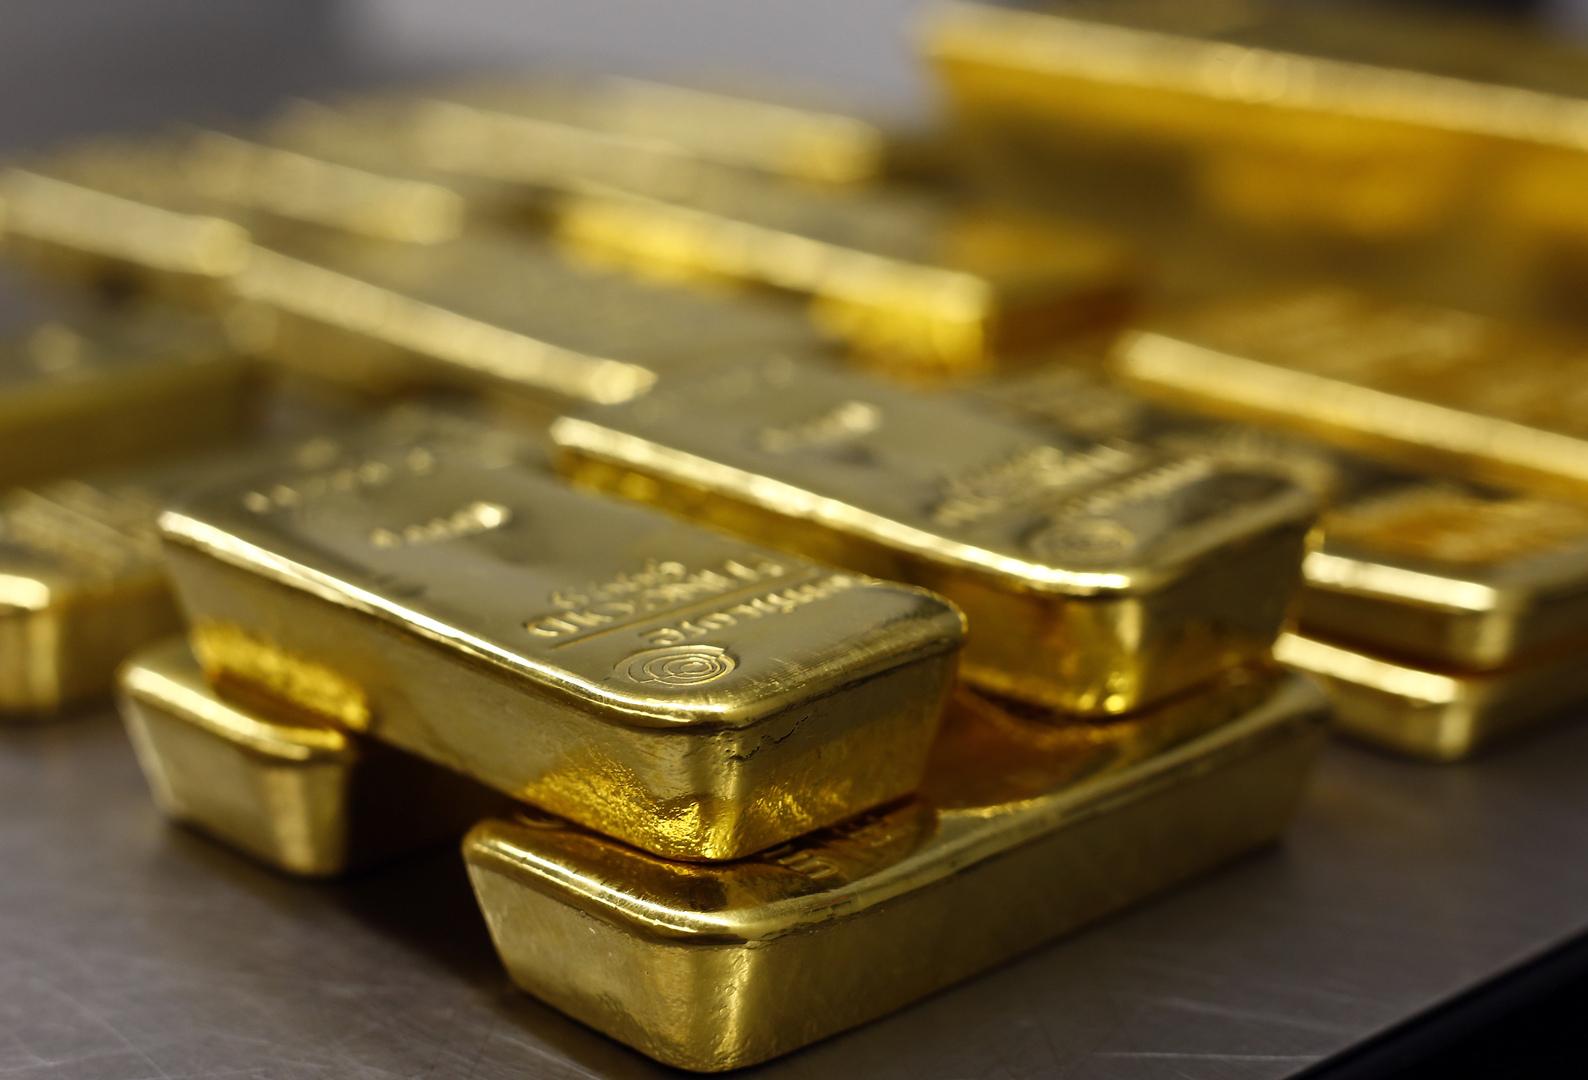 الذهب يهبط وسط آمال في تعاف اقتصادي سريع